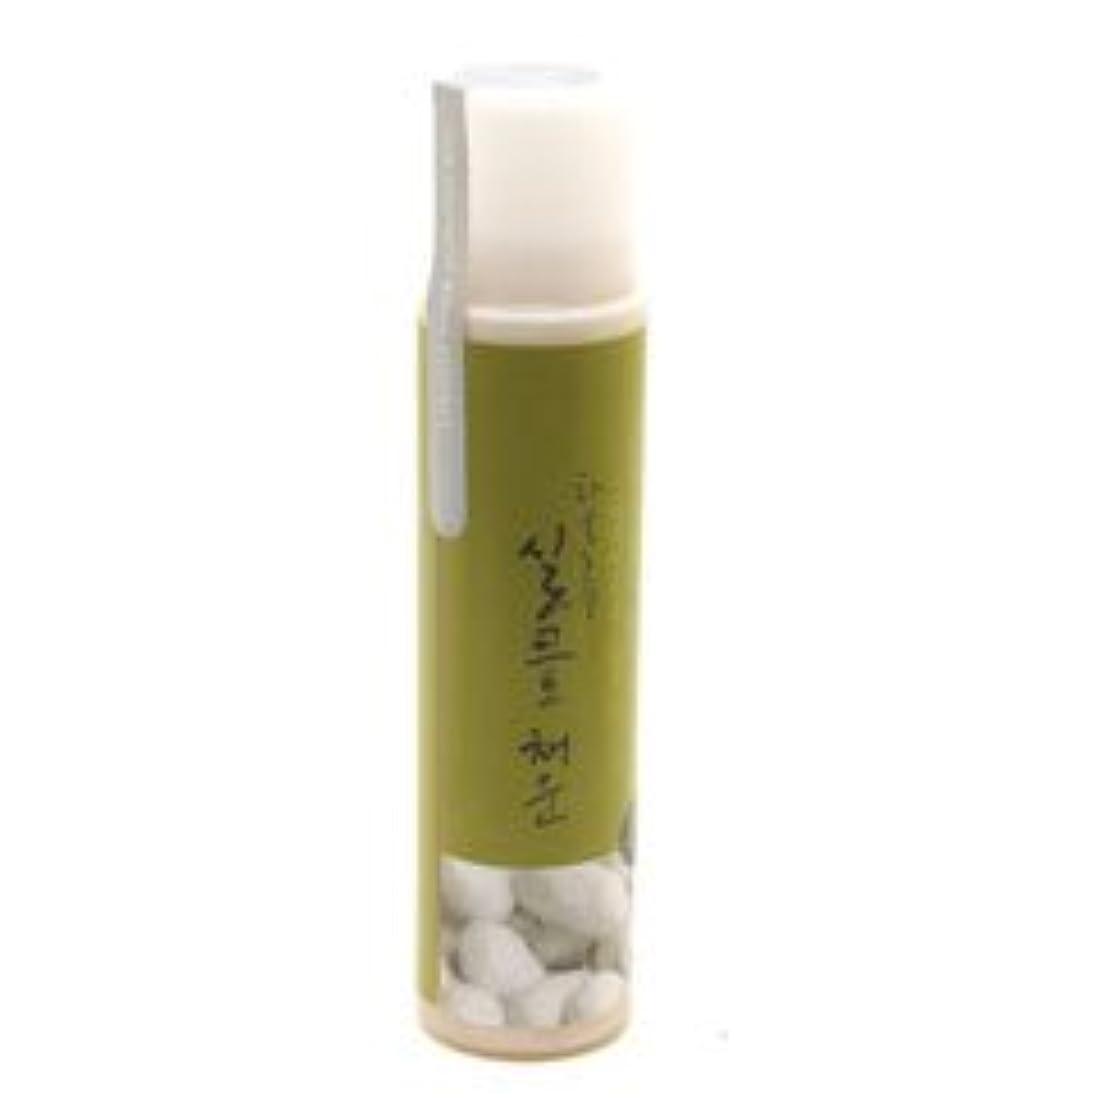 評価ワーディアンケース乳製品SKYLAKE(ハヌルホス) シルクボディエッセンス 140ml